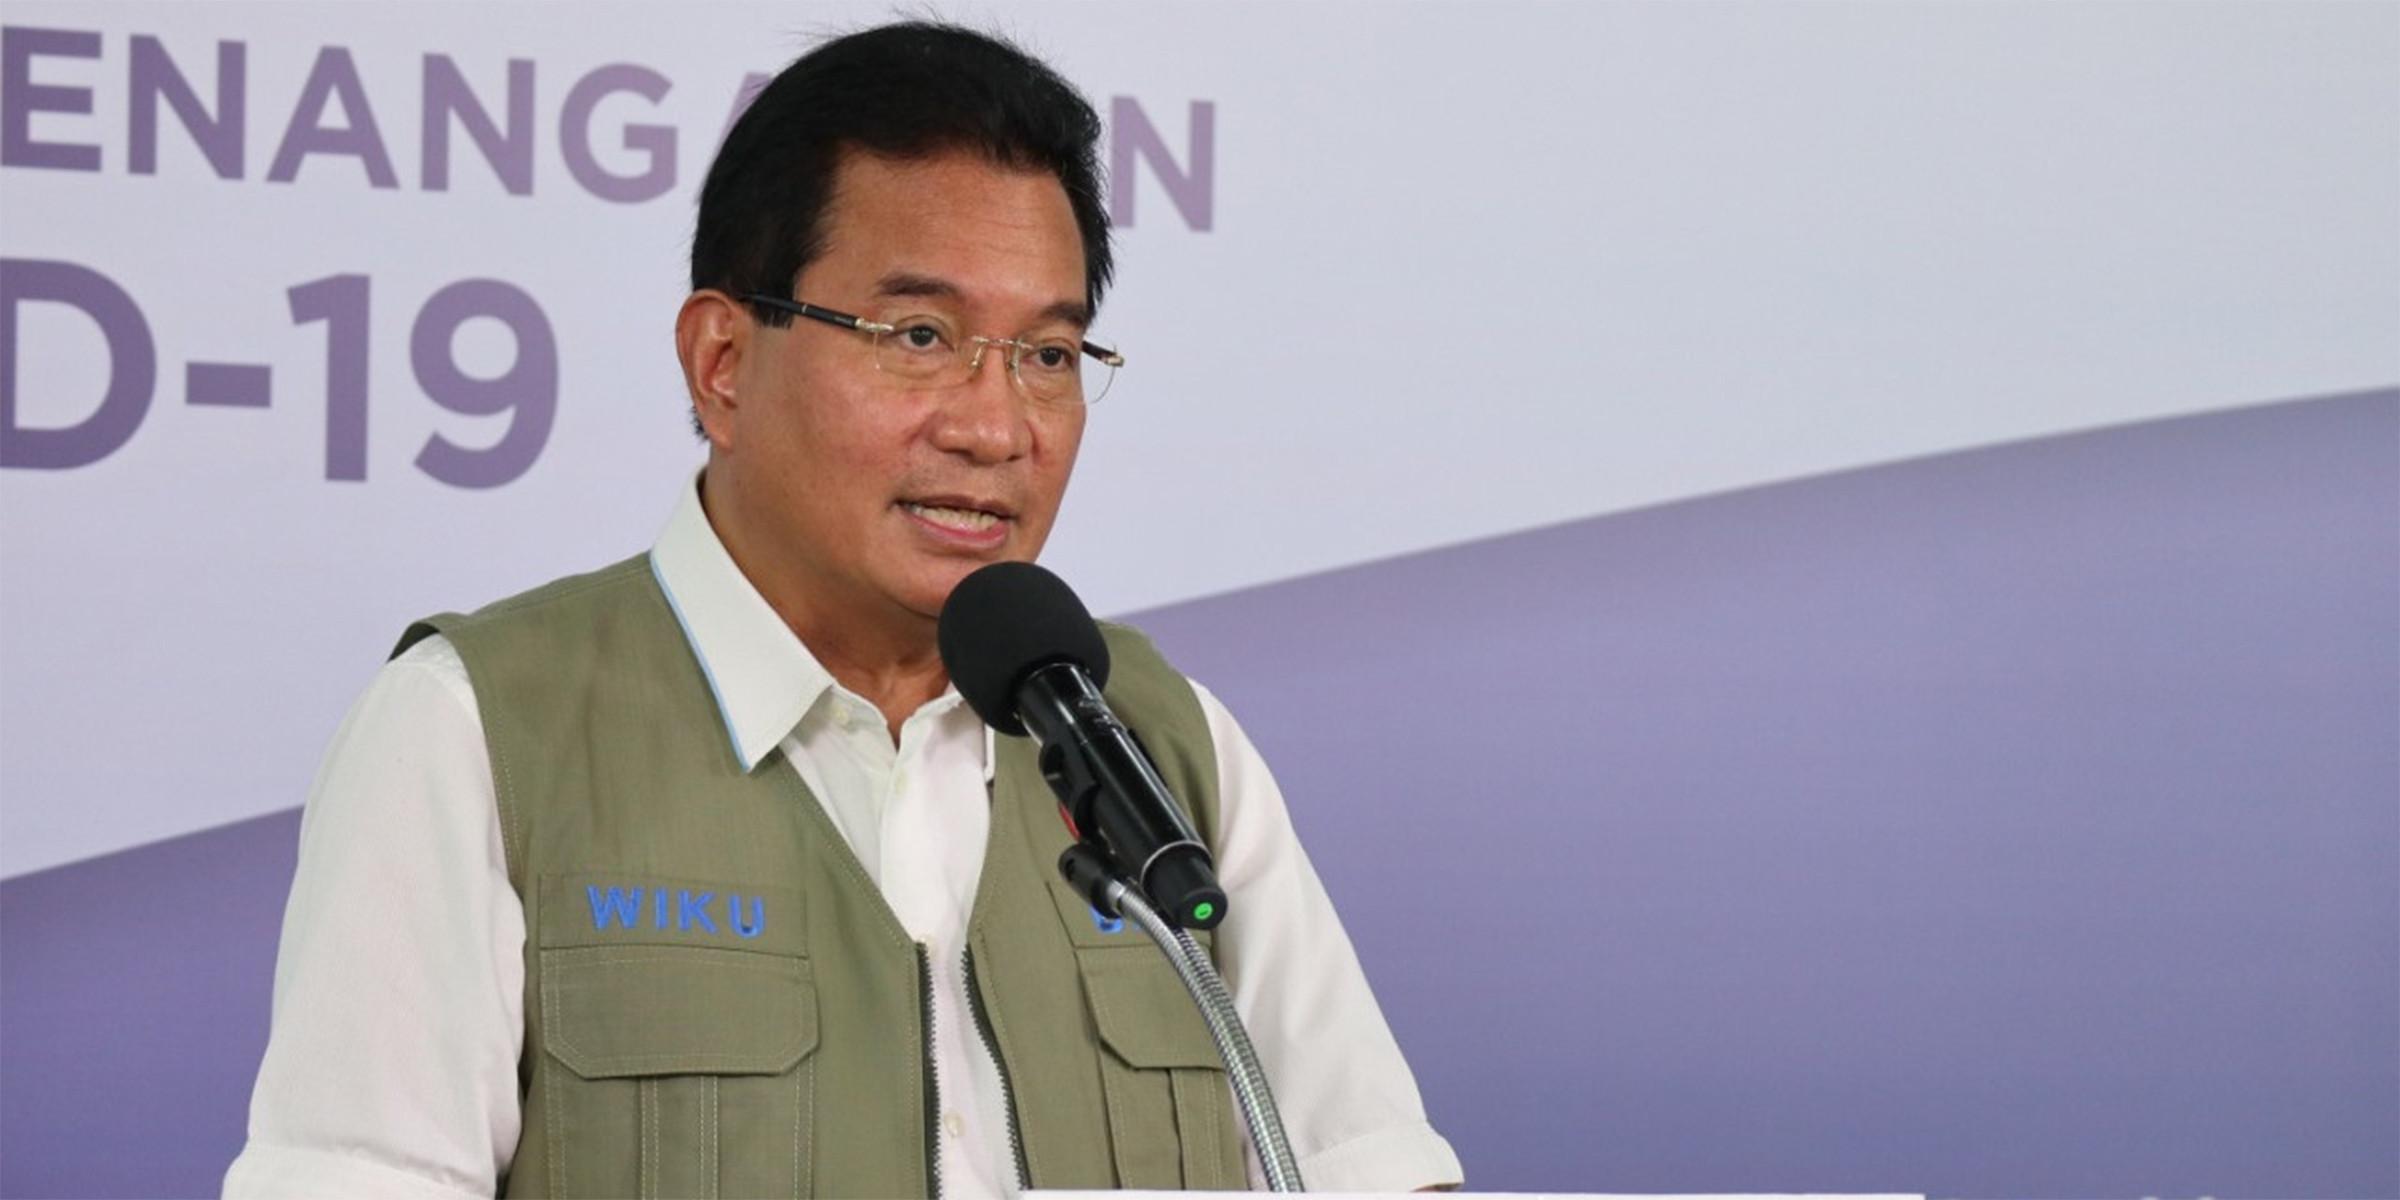 Kapan Pandemi COVID-19 di Indonesia Berakhir? Ini Kata Prof Wiku - JPNN.com